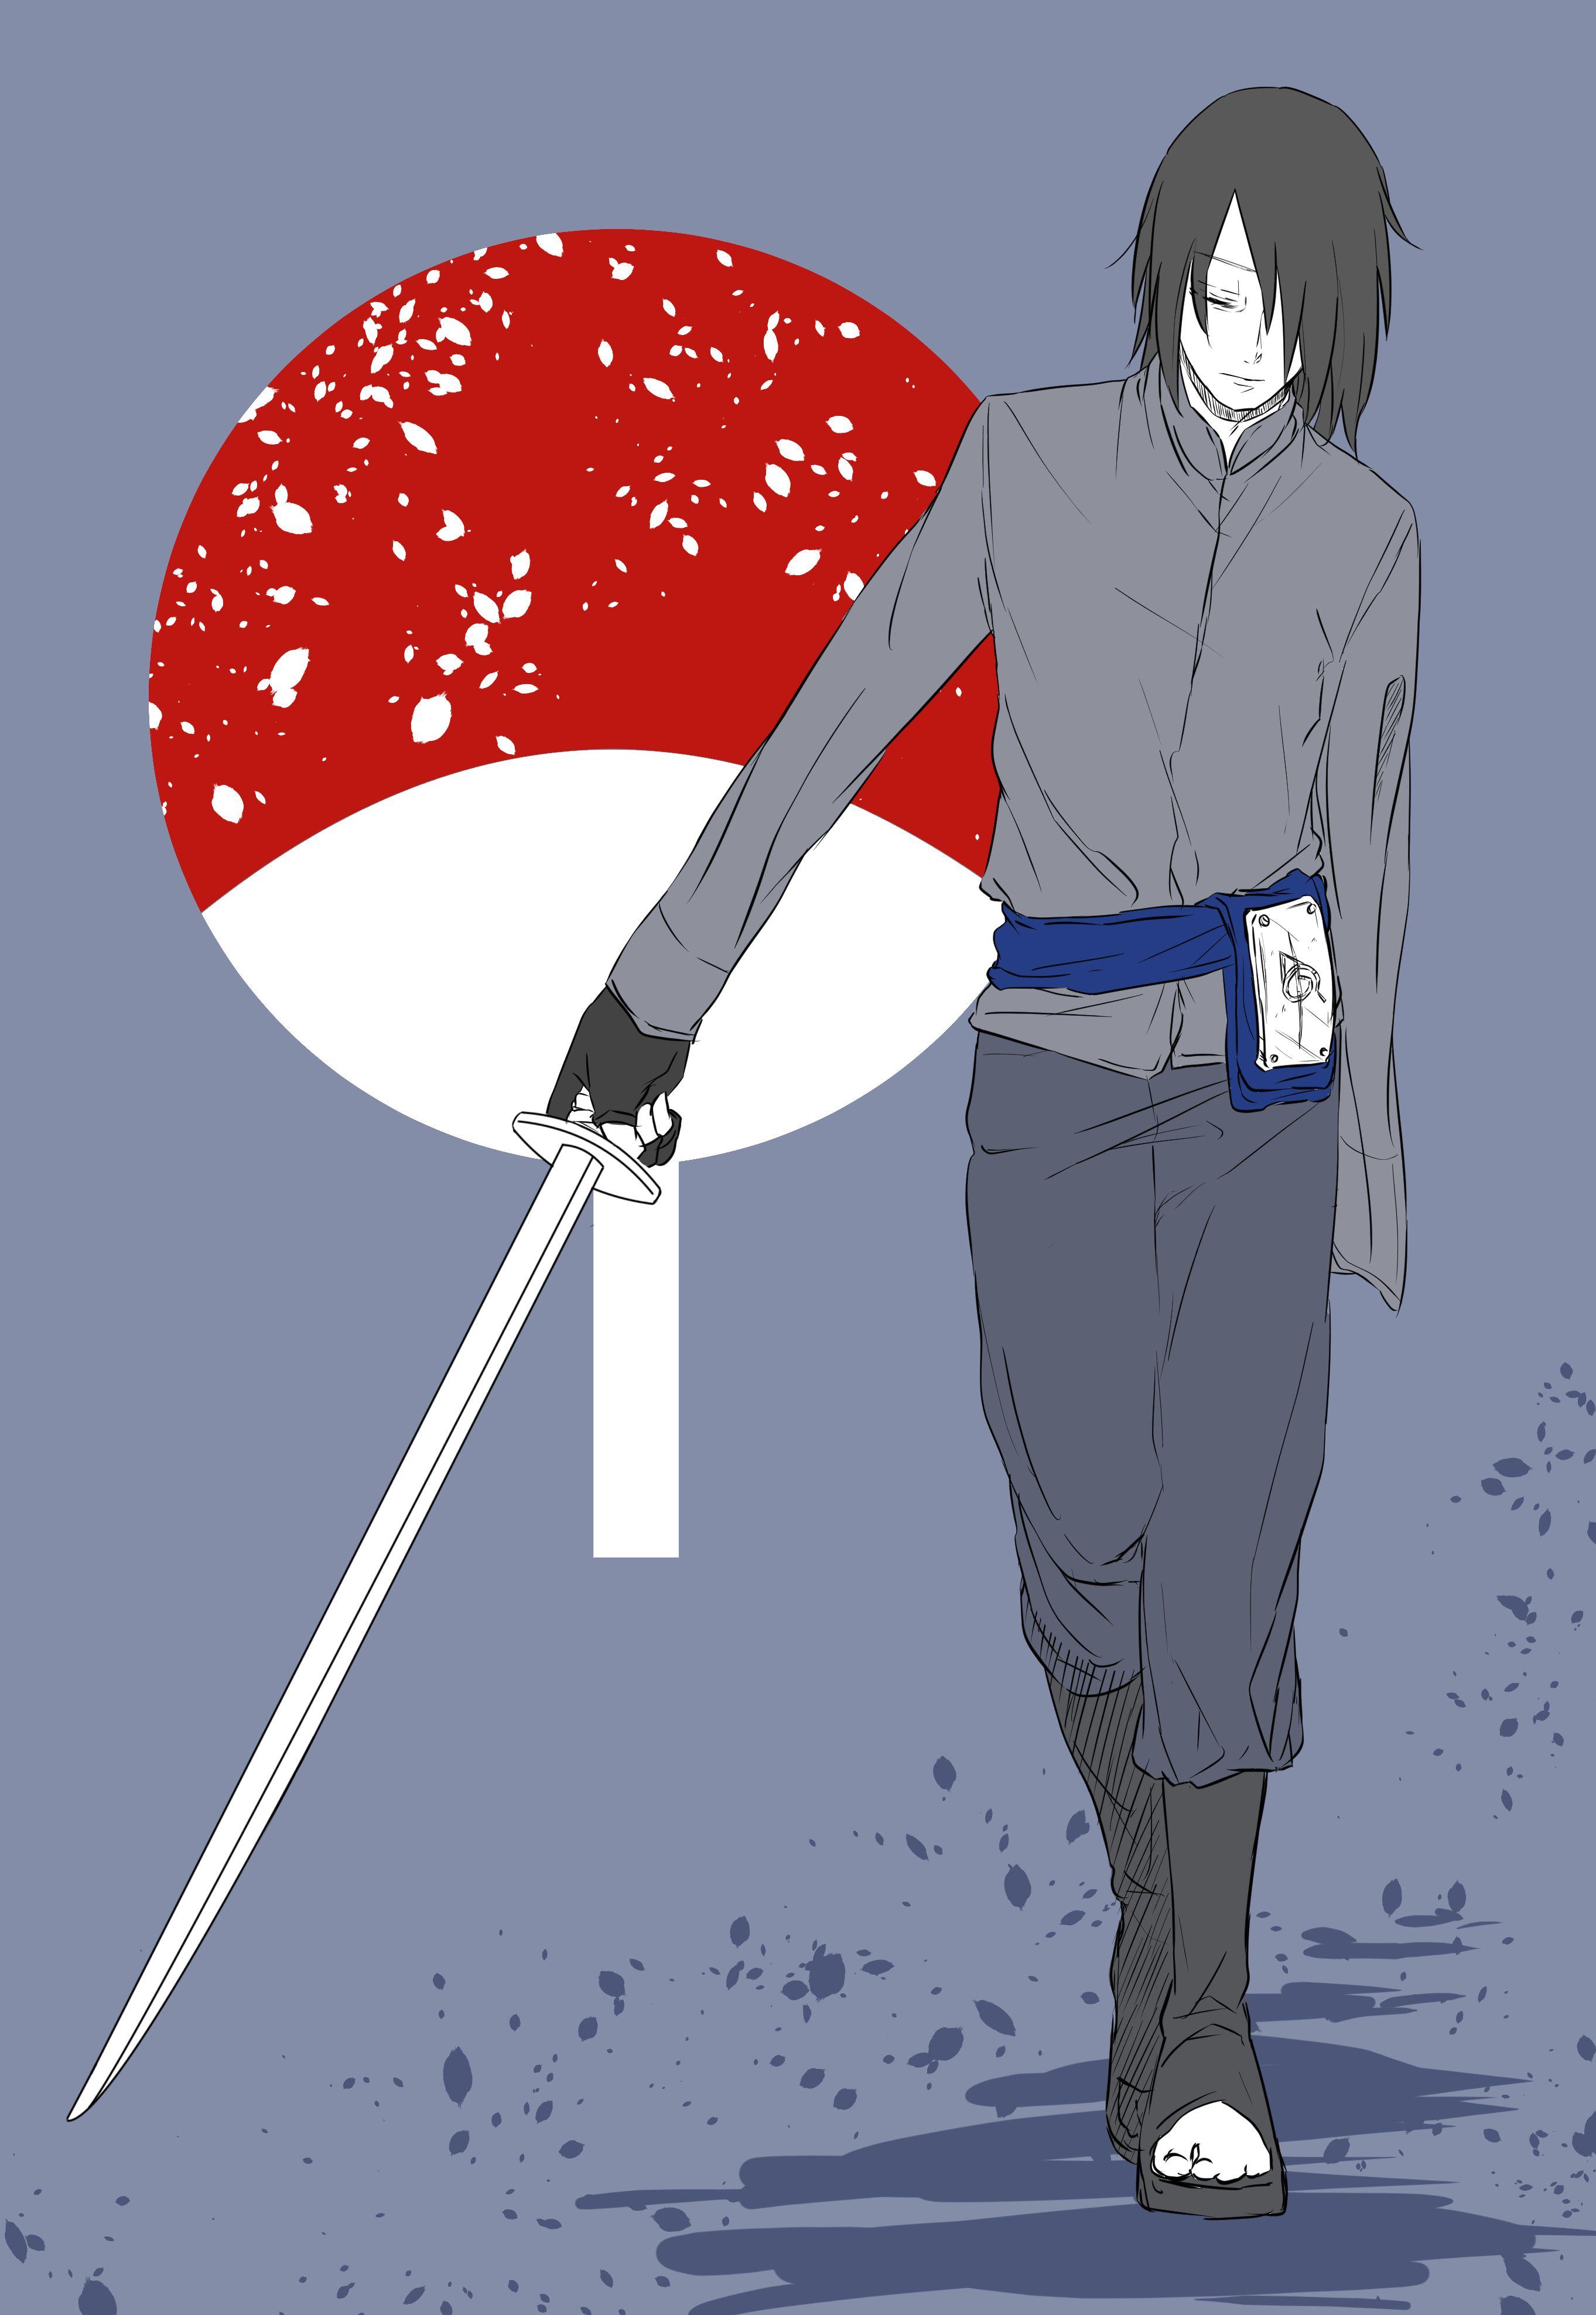 Uchiha Sasuke Full 1969478 Jpg 2 725 3 952 Pixels Anime Anime Naruto Sakura And Sasuke